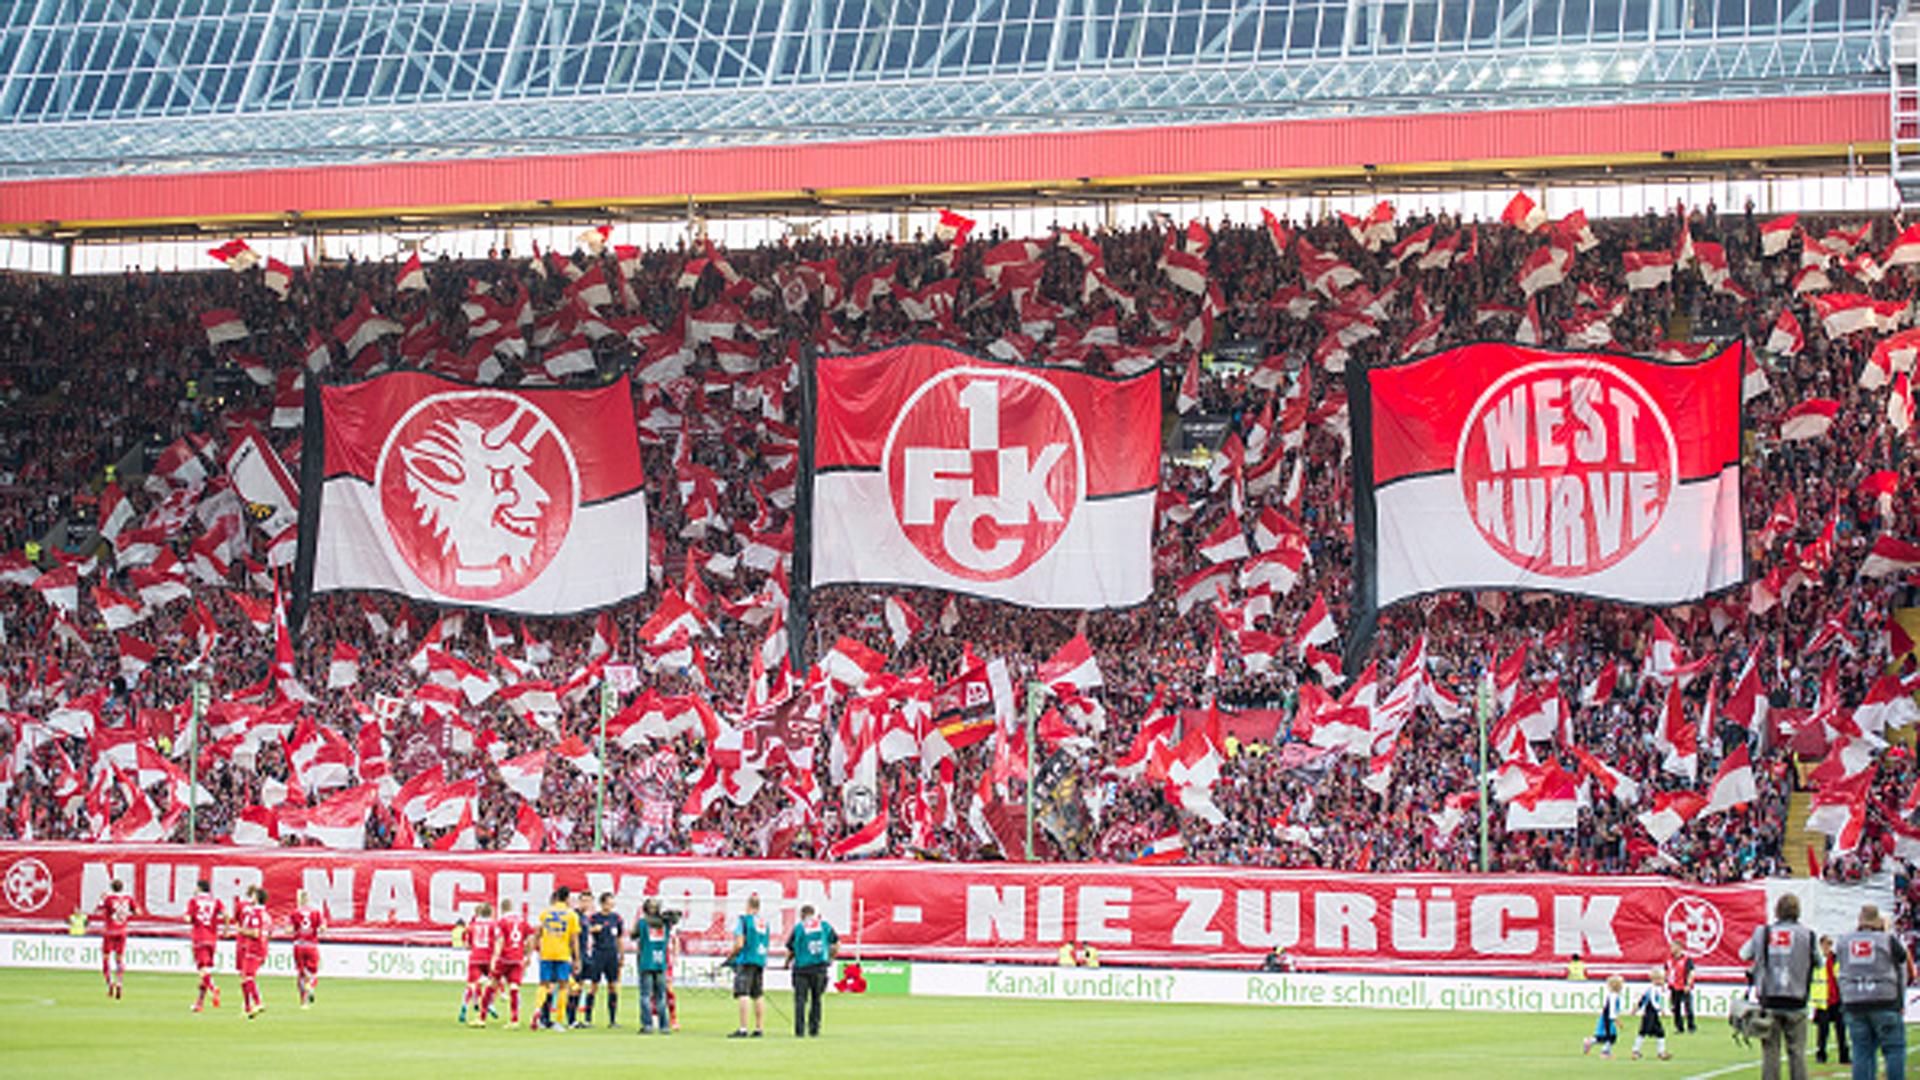 1860 Gegen Kaiserslautern